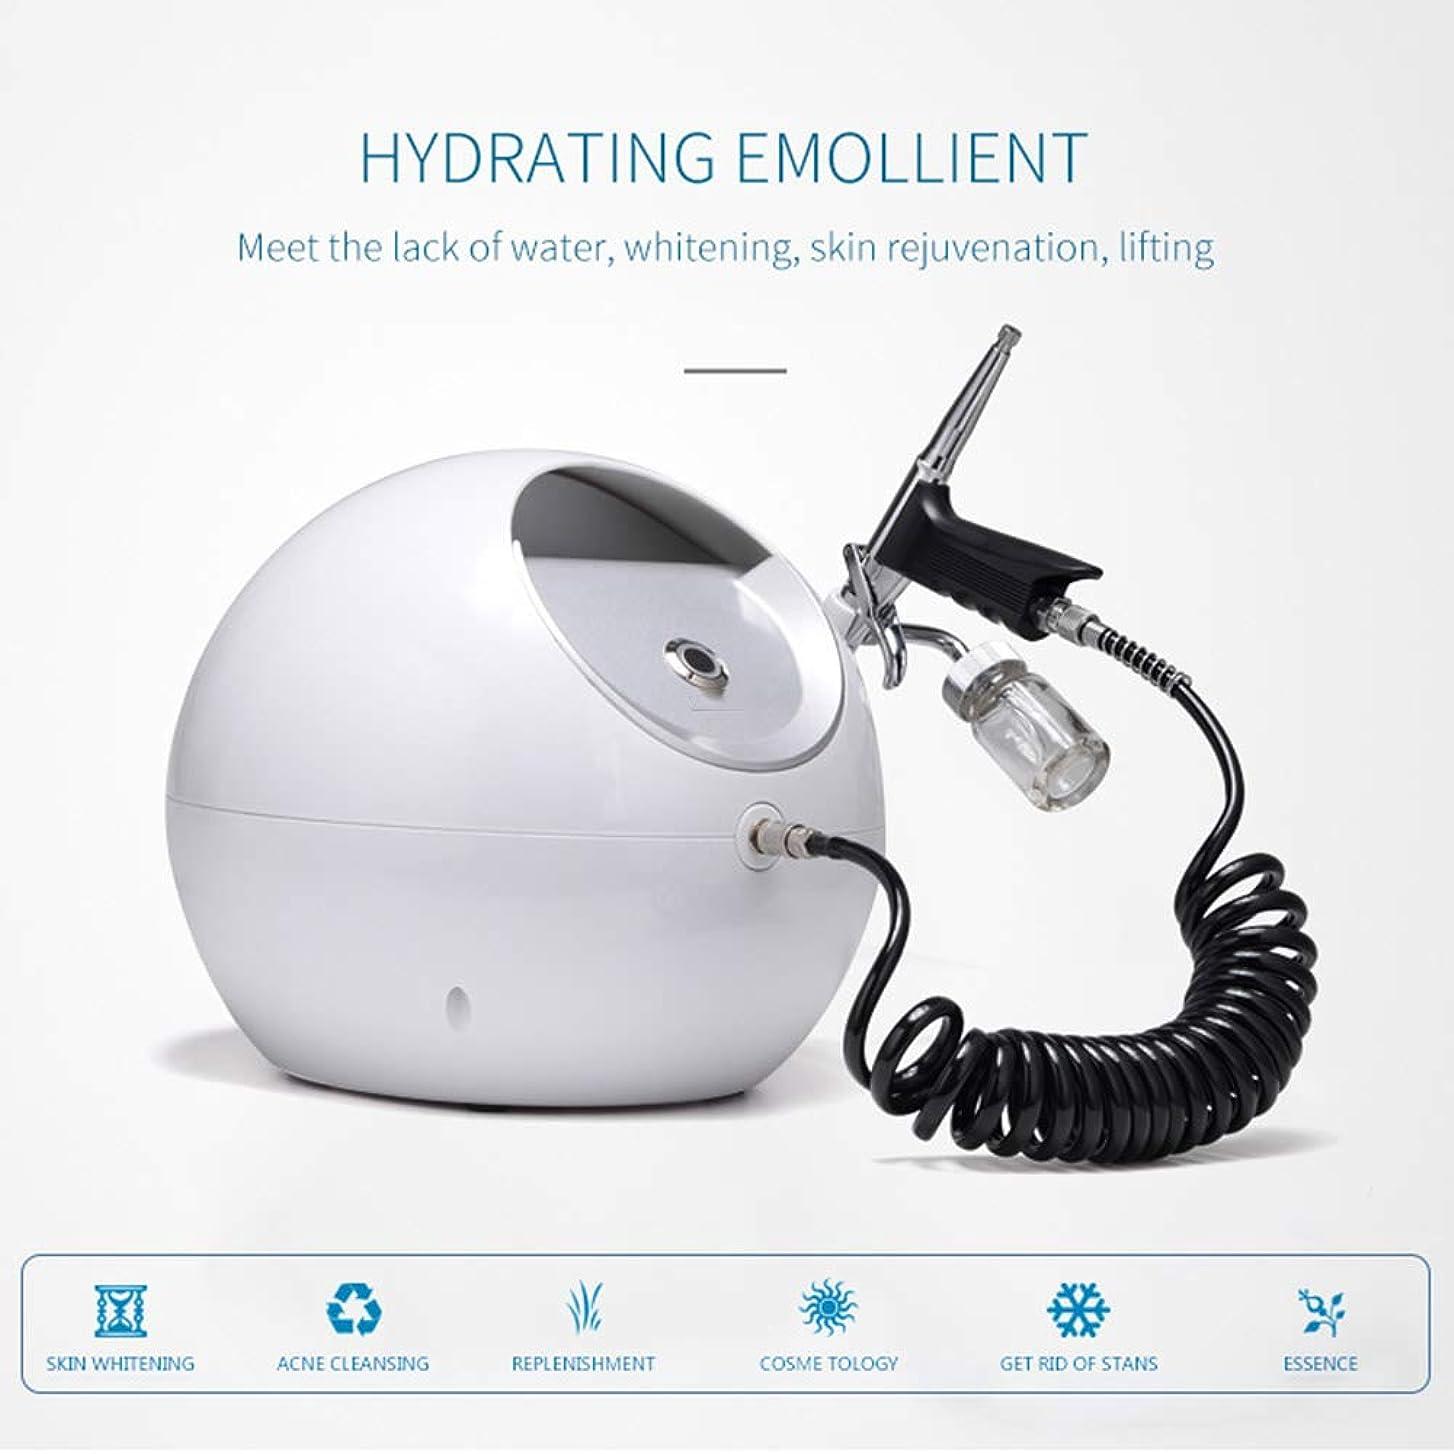 デンプシーファーザーファージュ洗う2 In1 小バブル酸素ジェットピールハイドロフェイシャルダーマブレーションマシン、フェイシャルクリーニングブラックヘッドにきびのための皮膚酸素注入美容機器